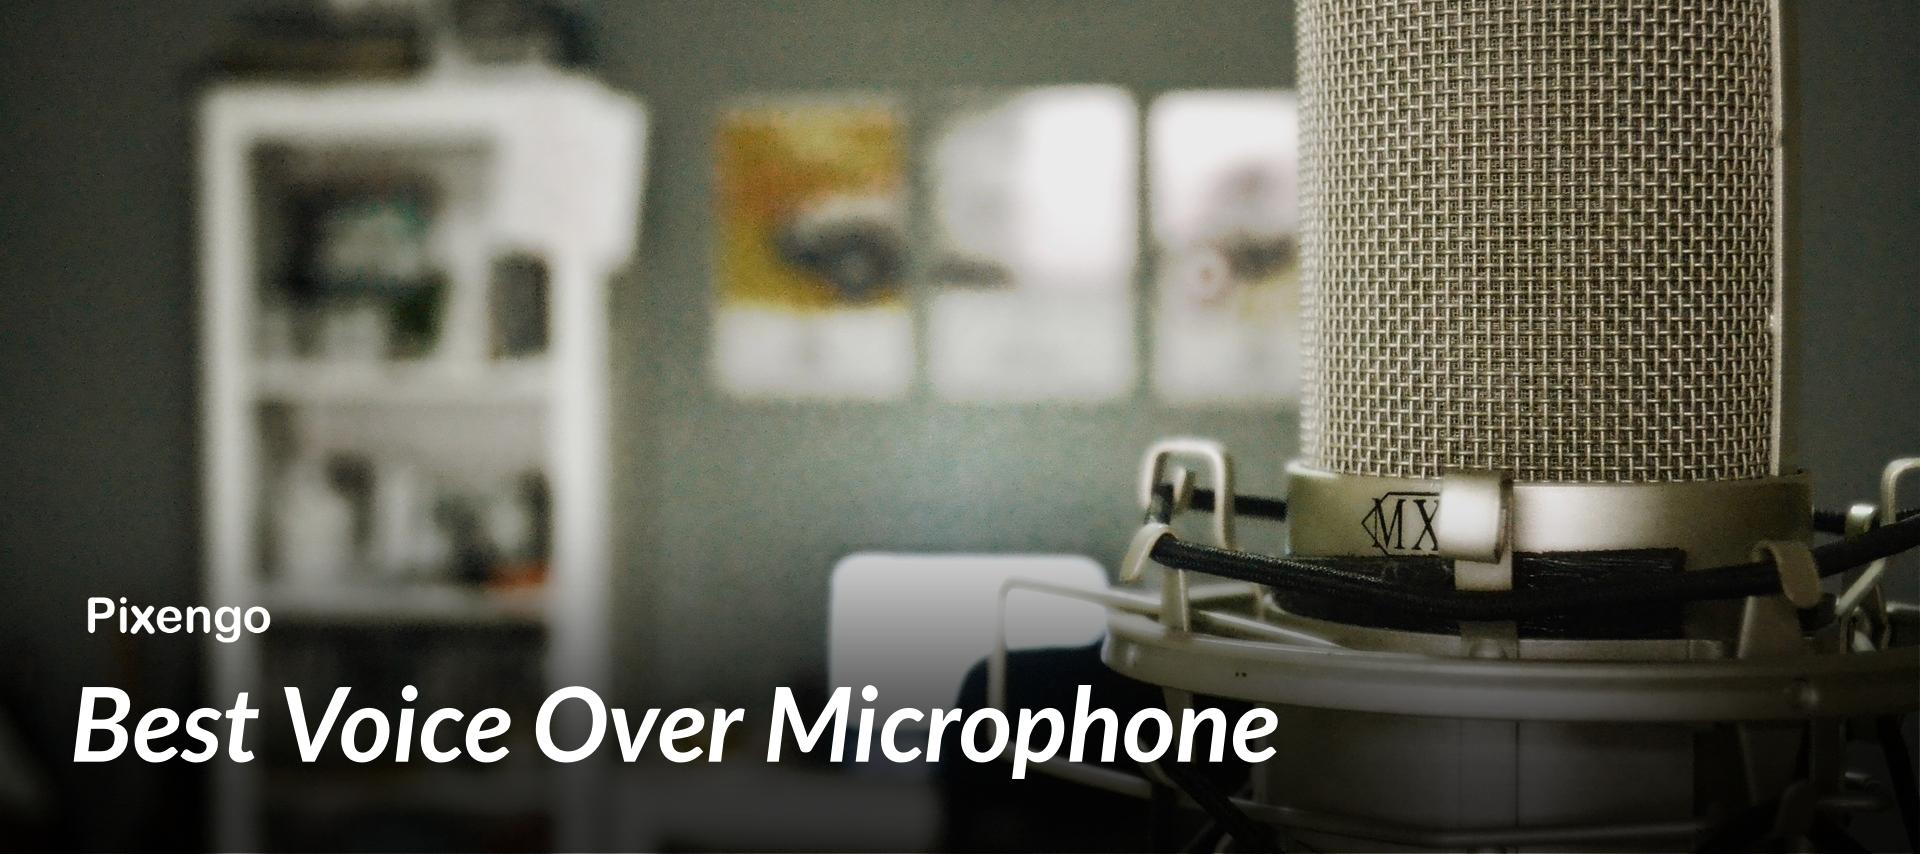 bestvoiceovermicrophone